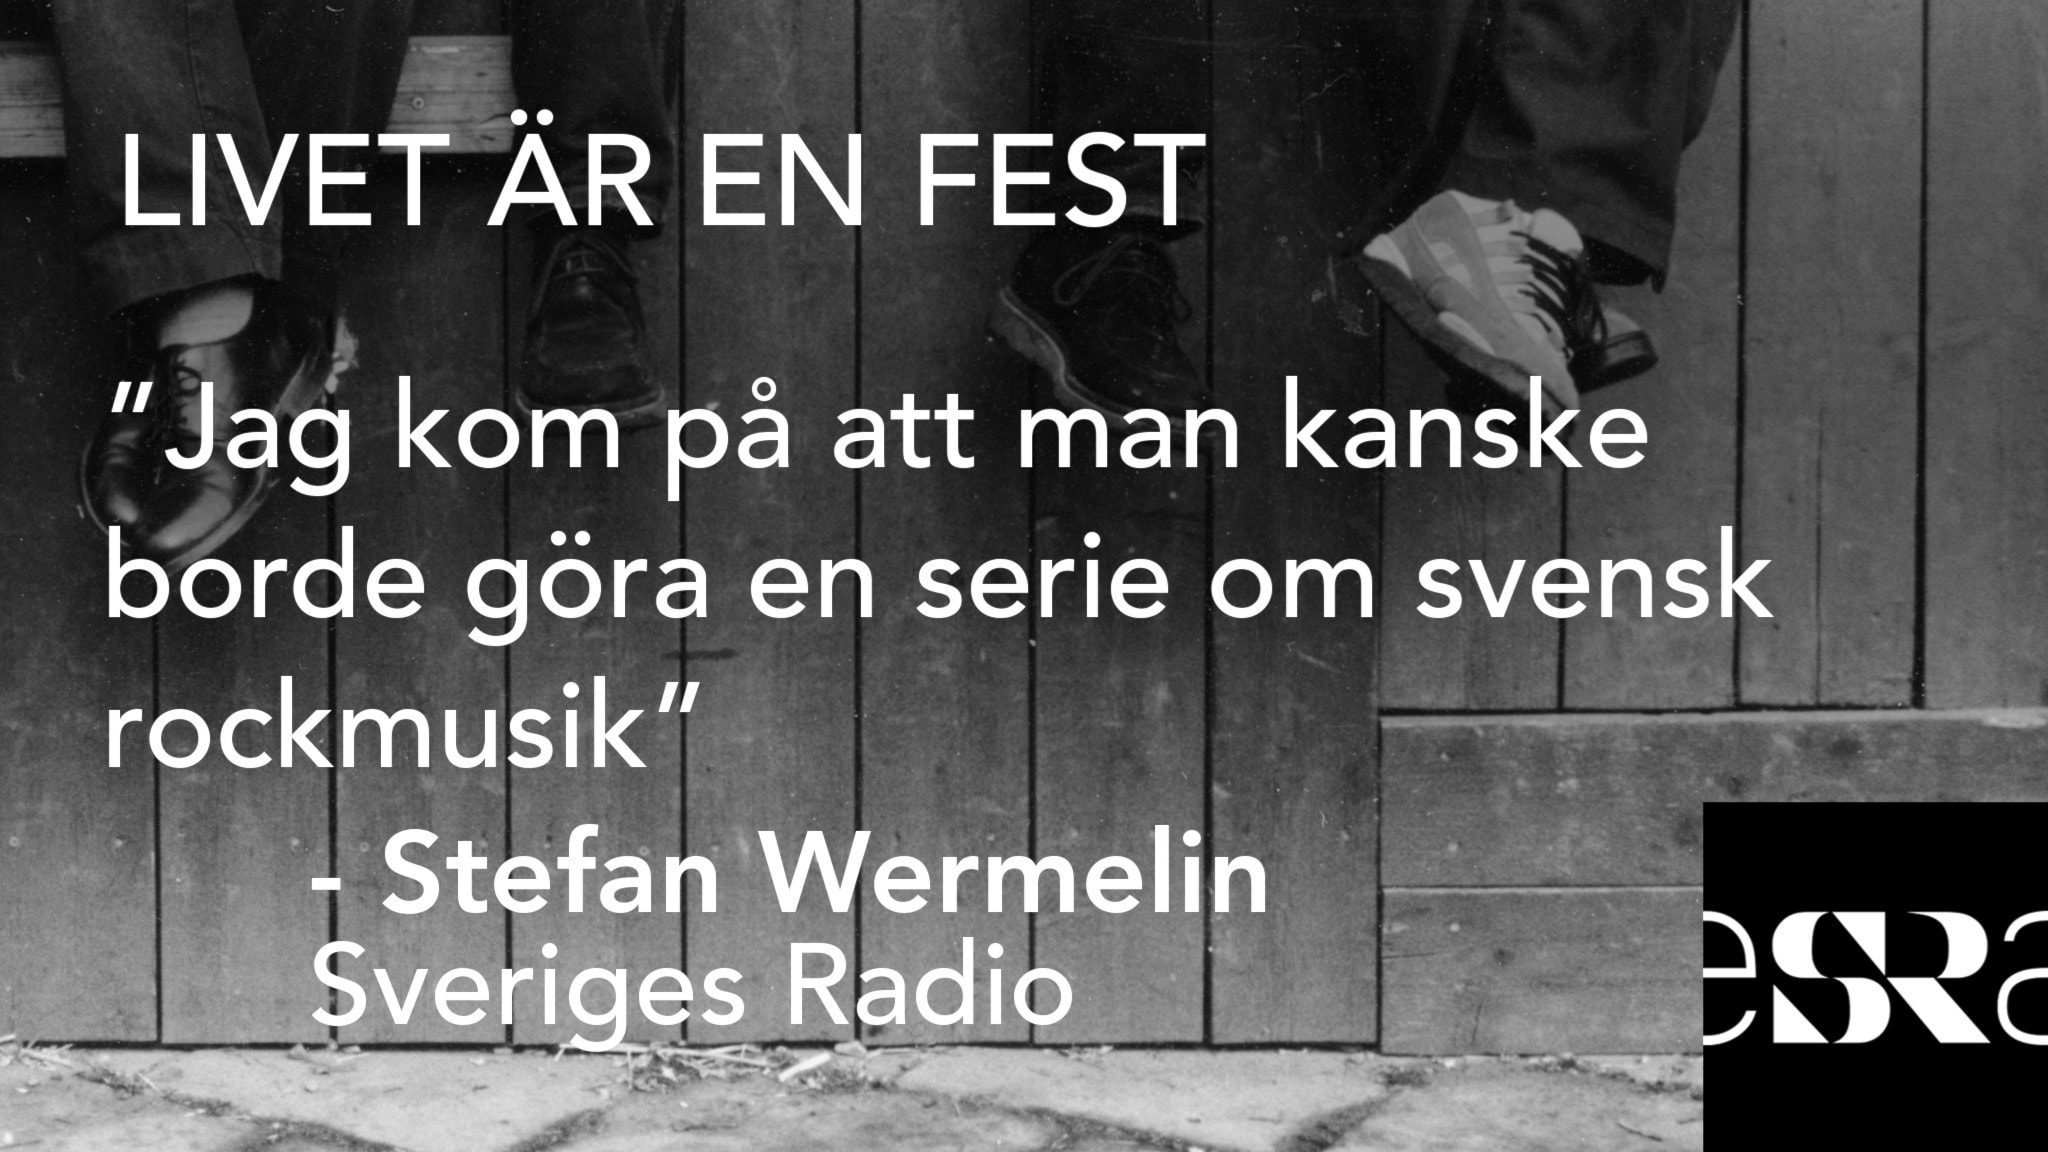 Livet är en fest – en poddserie om den svenska rockhistorien